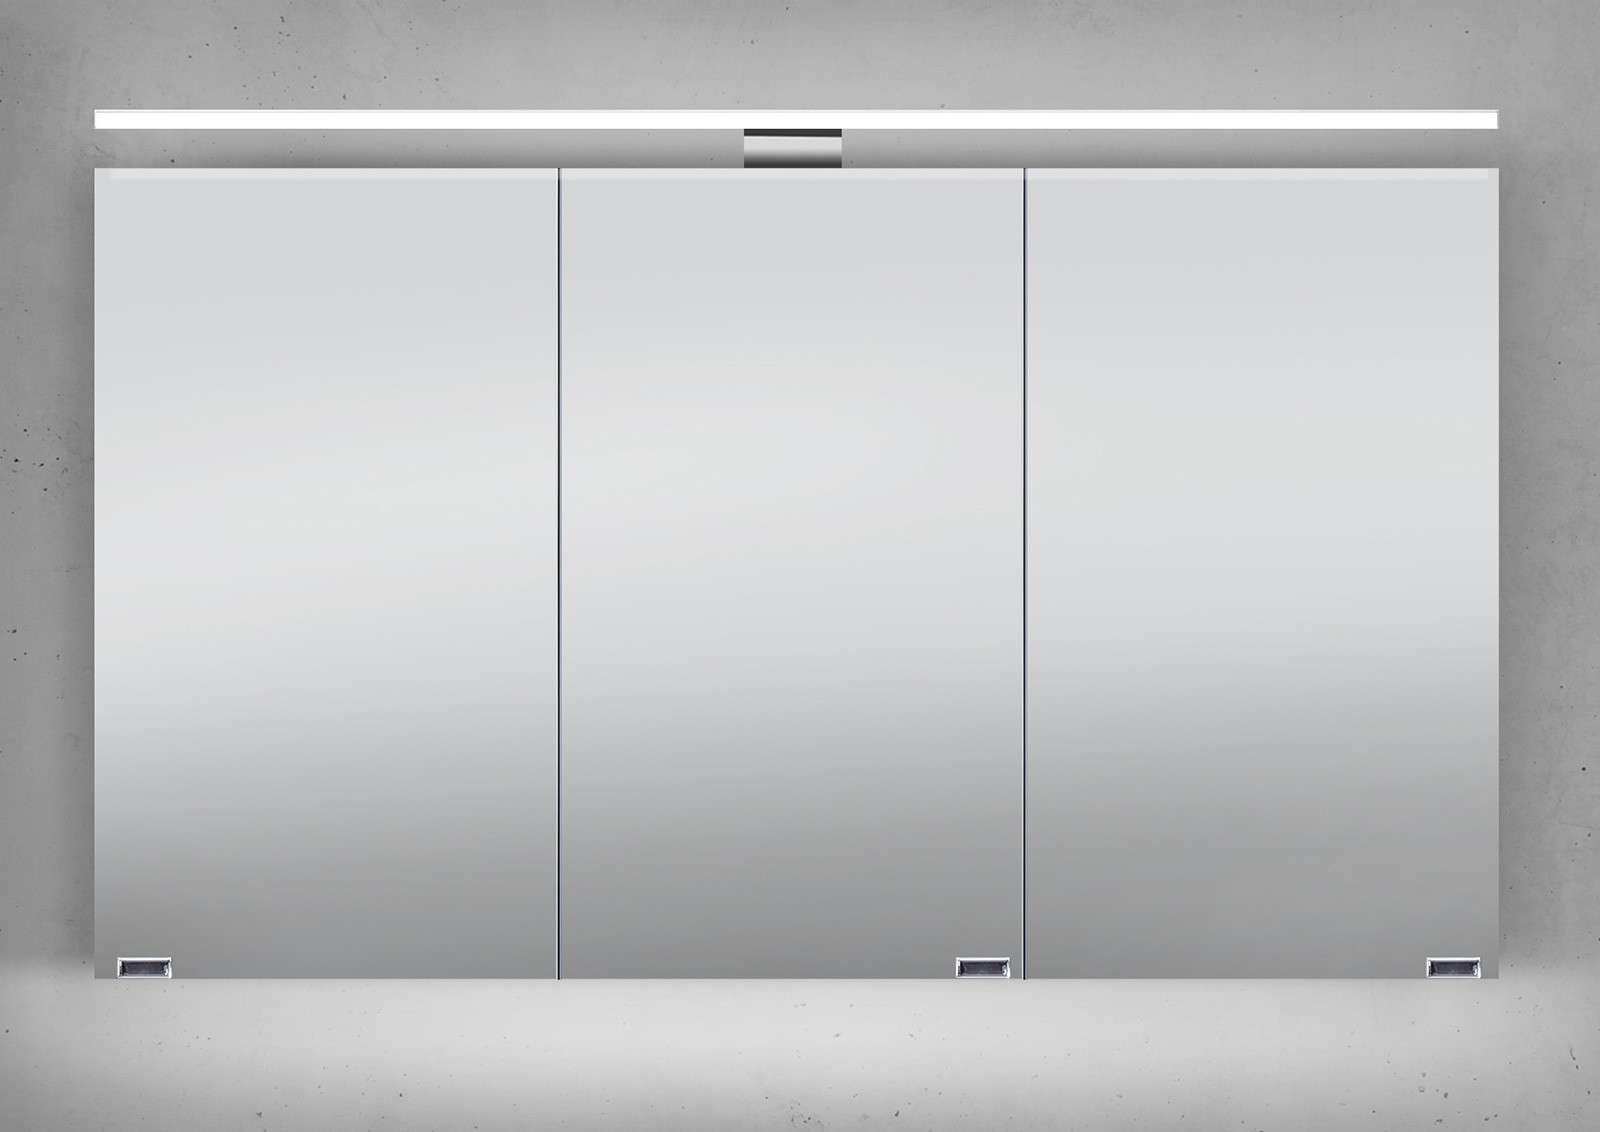 Sehr Gut Spiegelschrank 120 Cm LED Beleuchtung Doppelseitig Verspiegelt II83